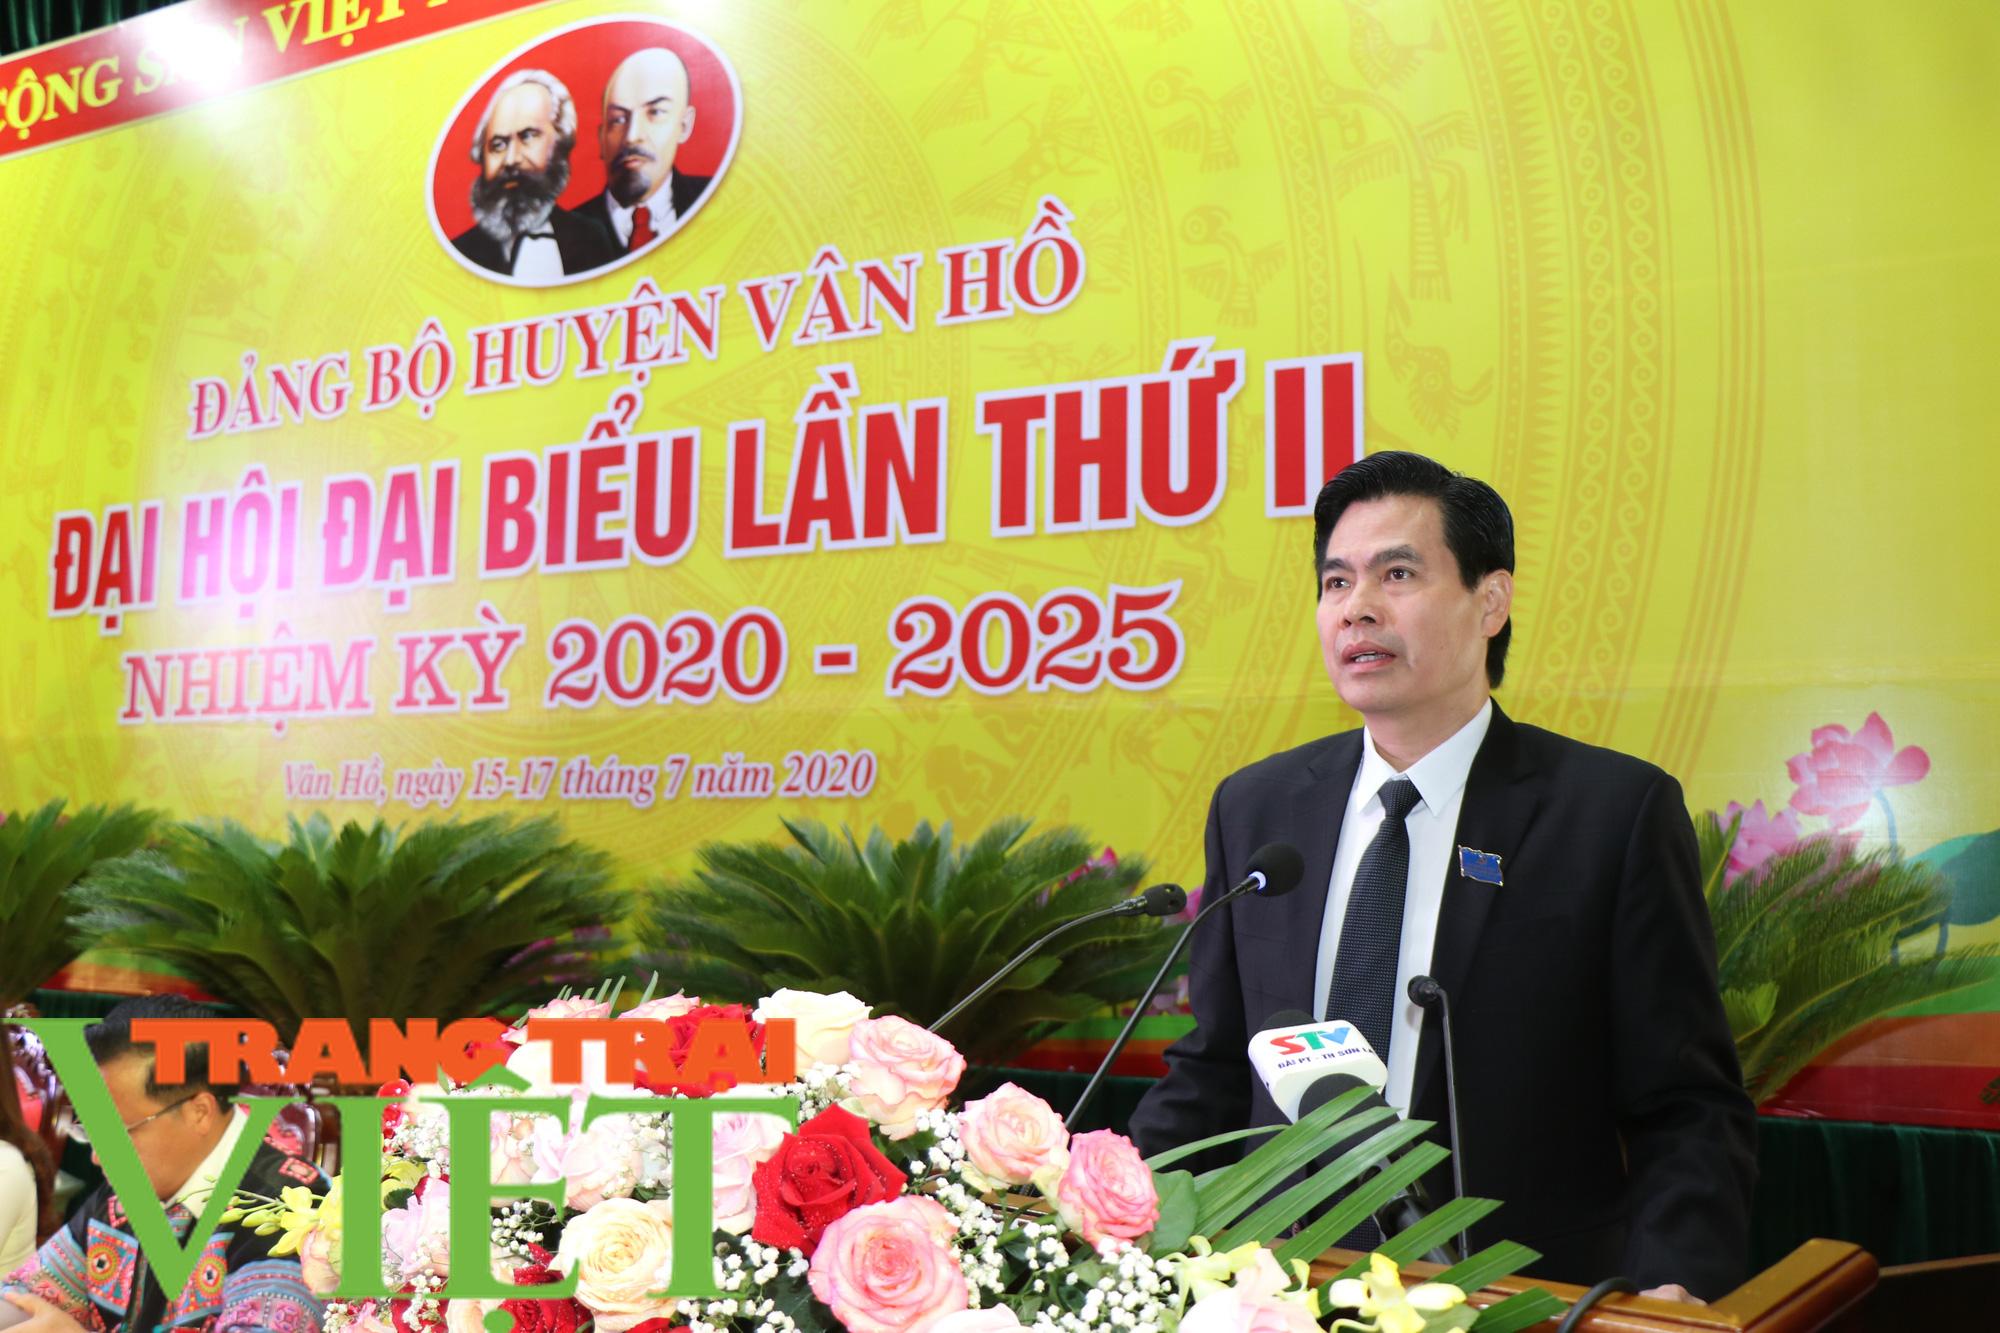 Đại hội đại biểu Đảng bộ huyện Vân Hồ phấn đấu đến 2025 đưa huyện thoát nghèo   - Ảnh 1.